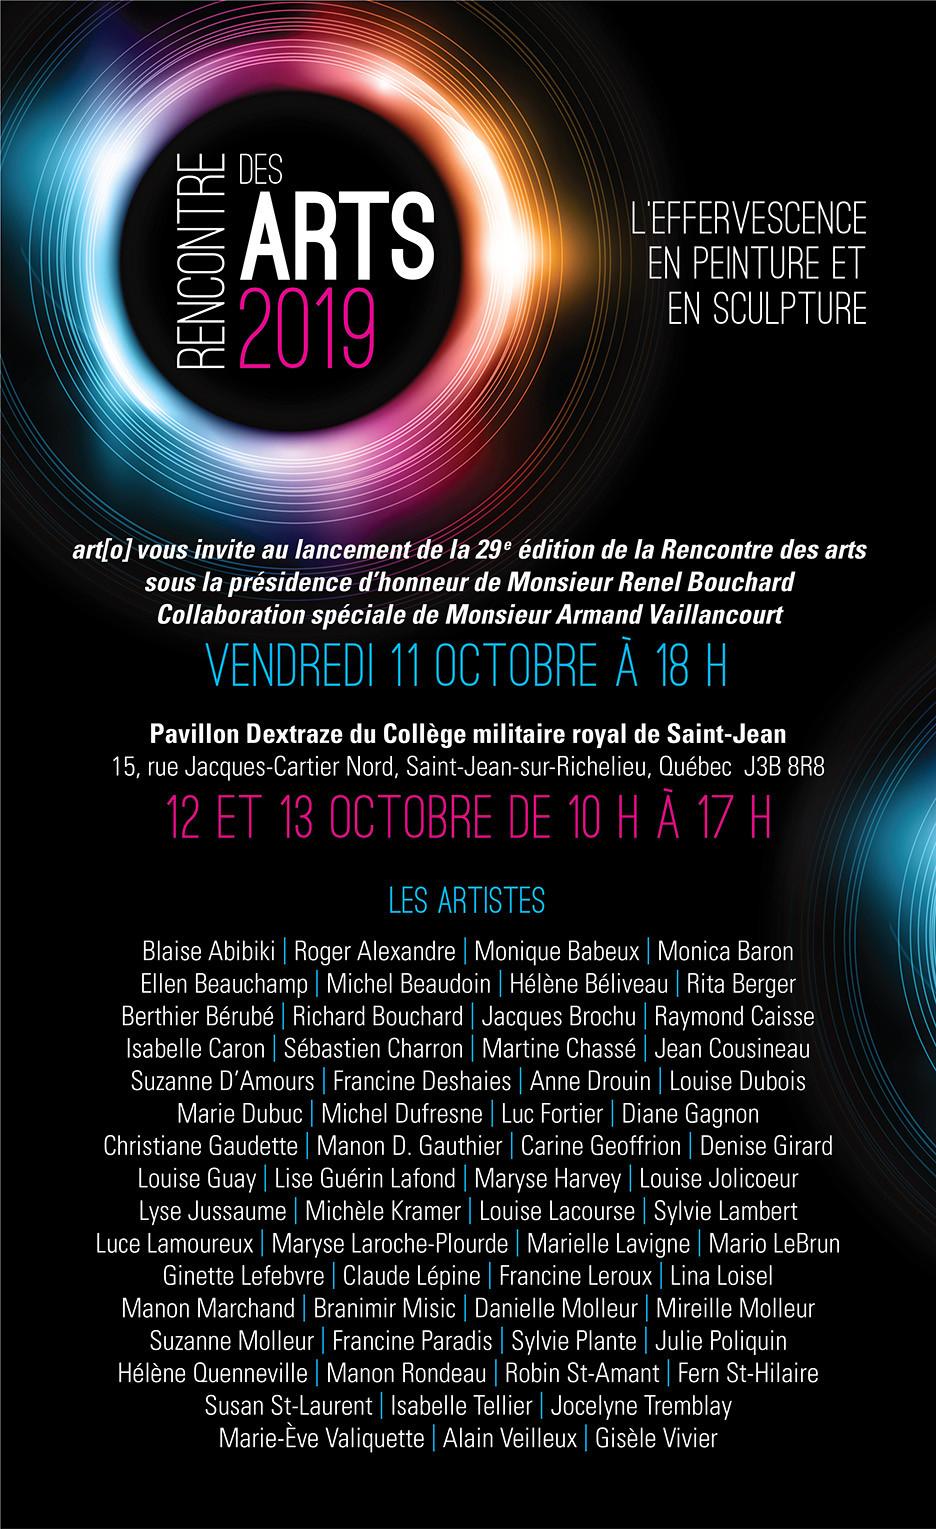 Je serai exposante à Rencontre des arts, au Pavillon Dextraze du Collège militaire royal de Saint-Jean, les 12 et 13 octobre de 10 h à 17 h.